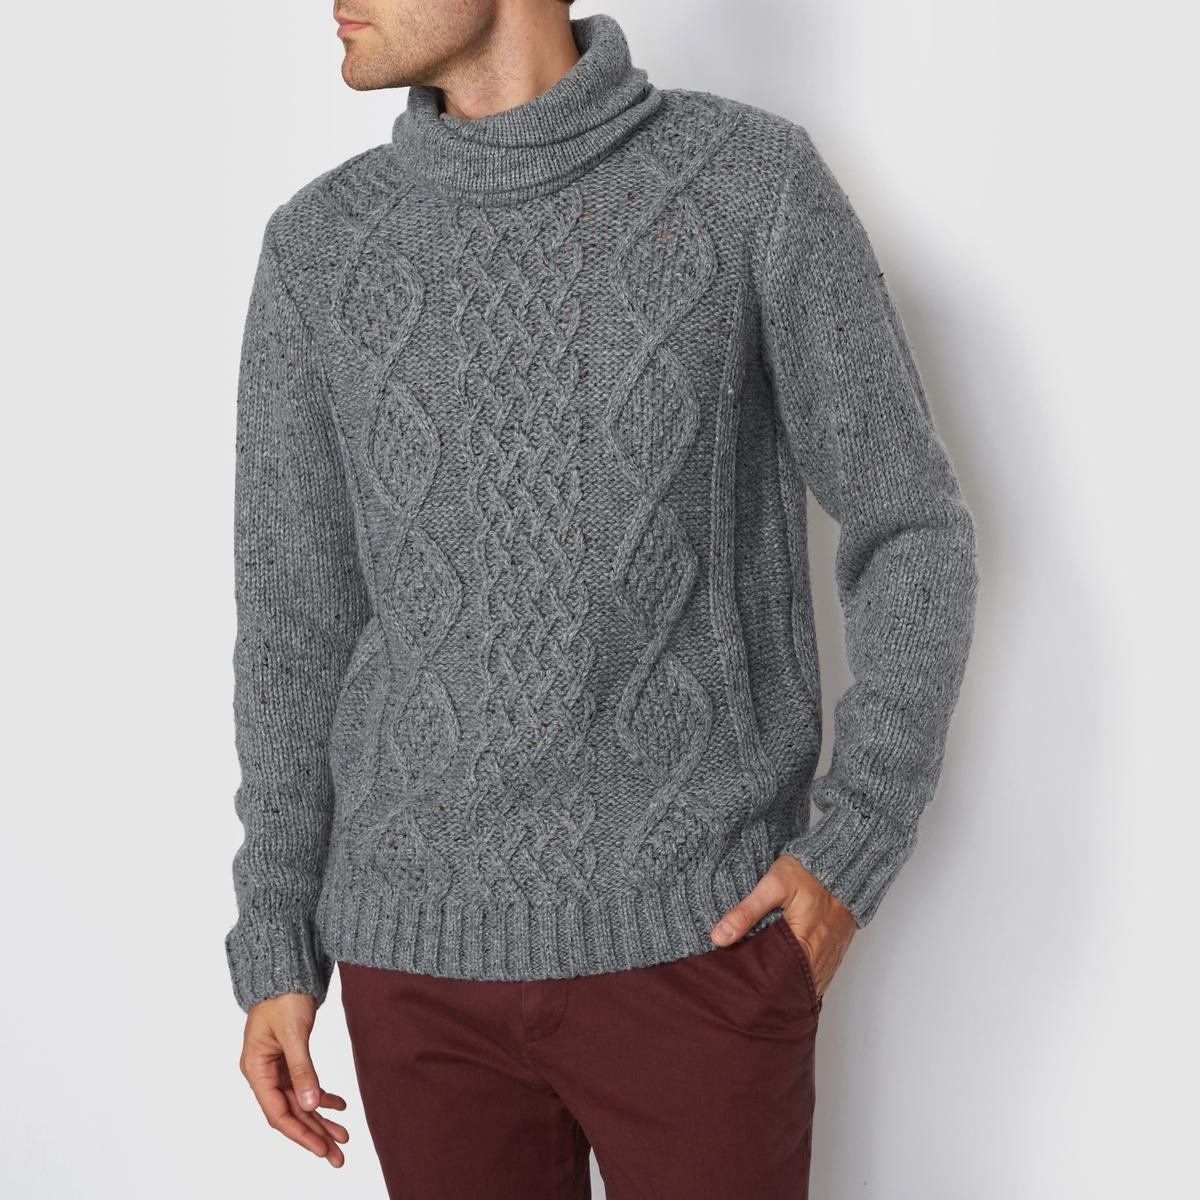 Пуловер с узором косы и воротником снудМатериал : 100% акрил<br><br>Цвет: серый<br>Размер: M